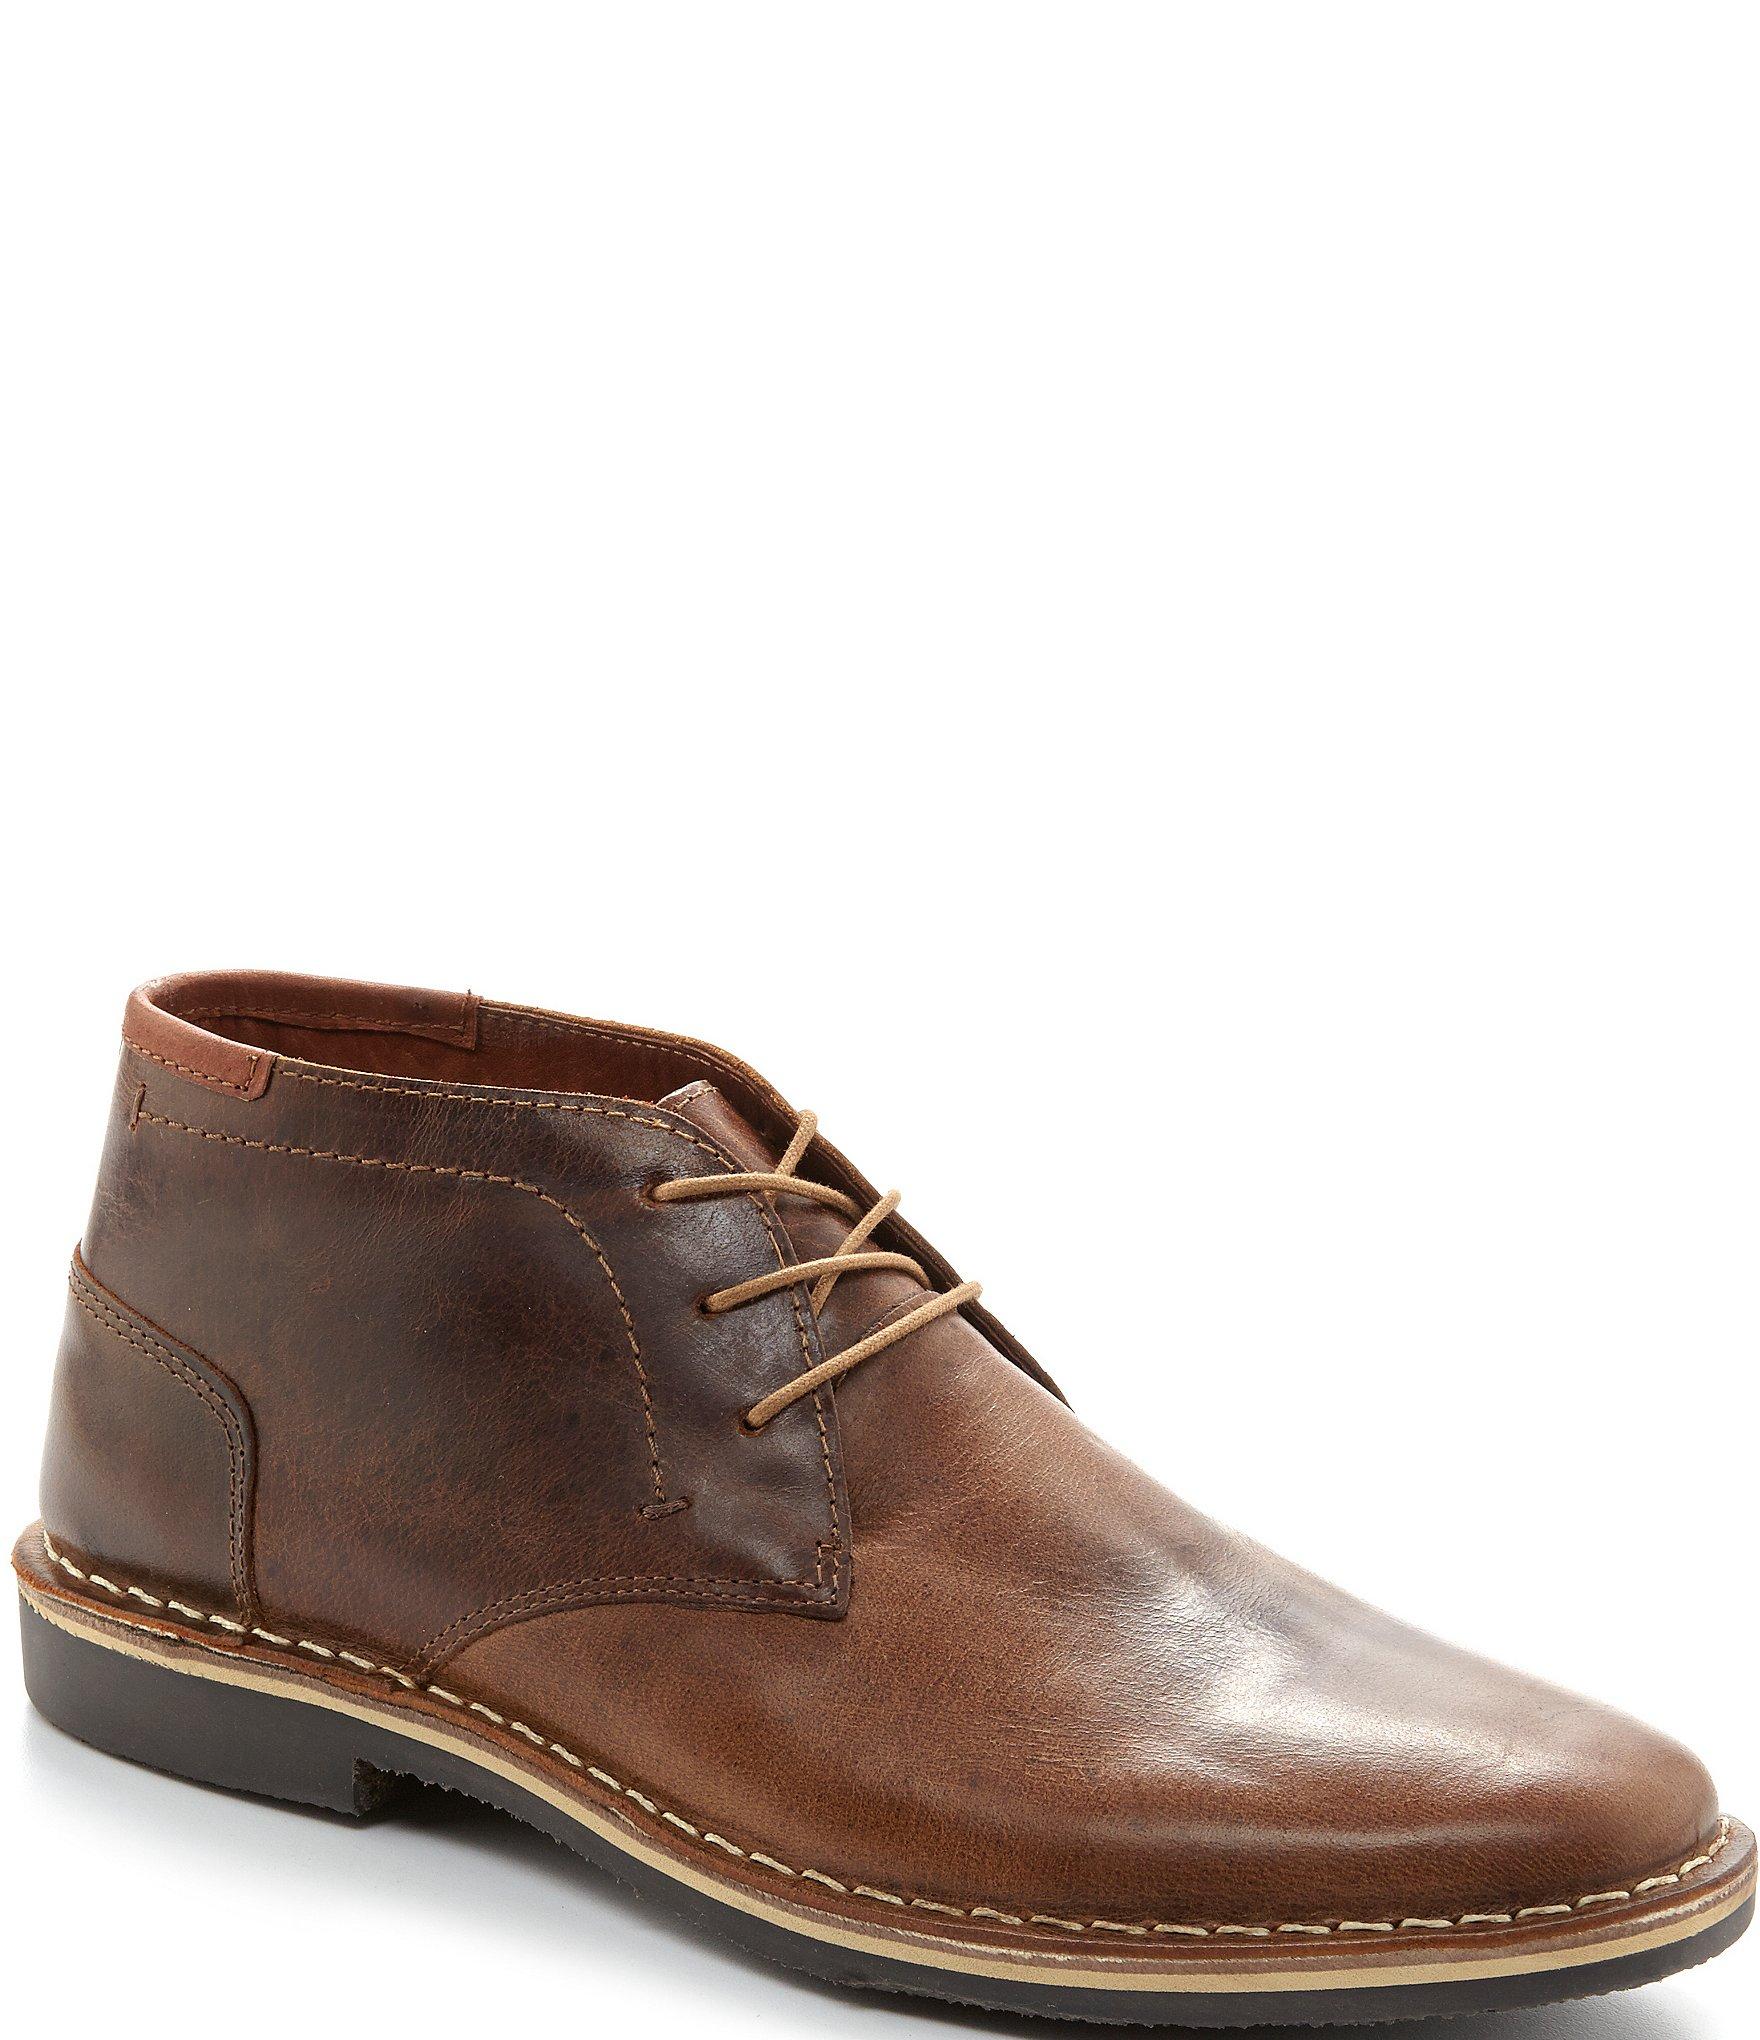 a8dc9978ce4 Steve Madden Men's Harken Chukka Boots